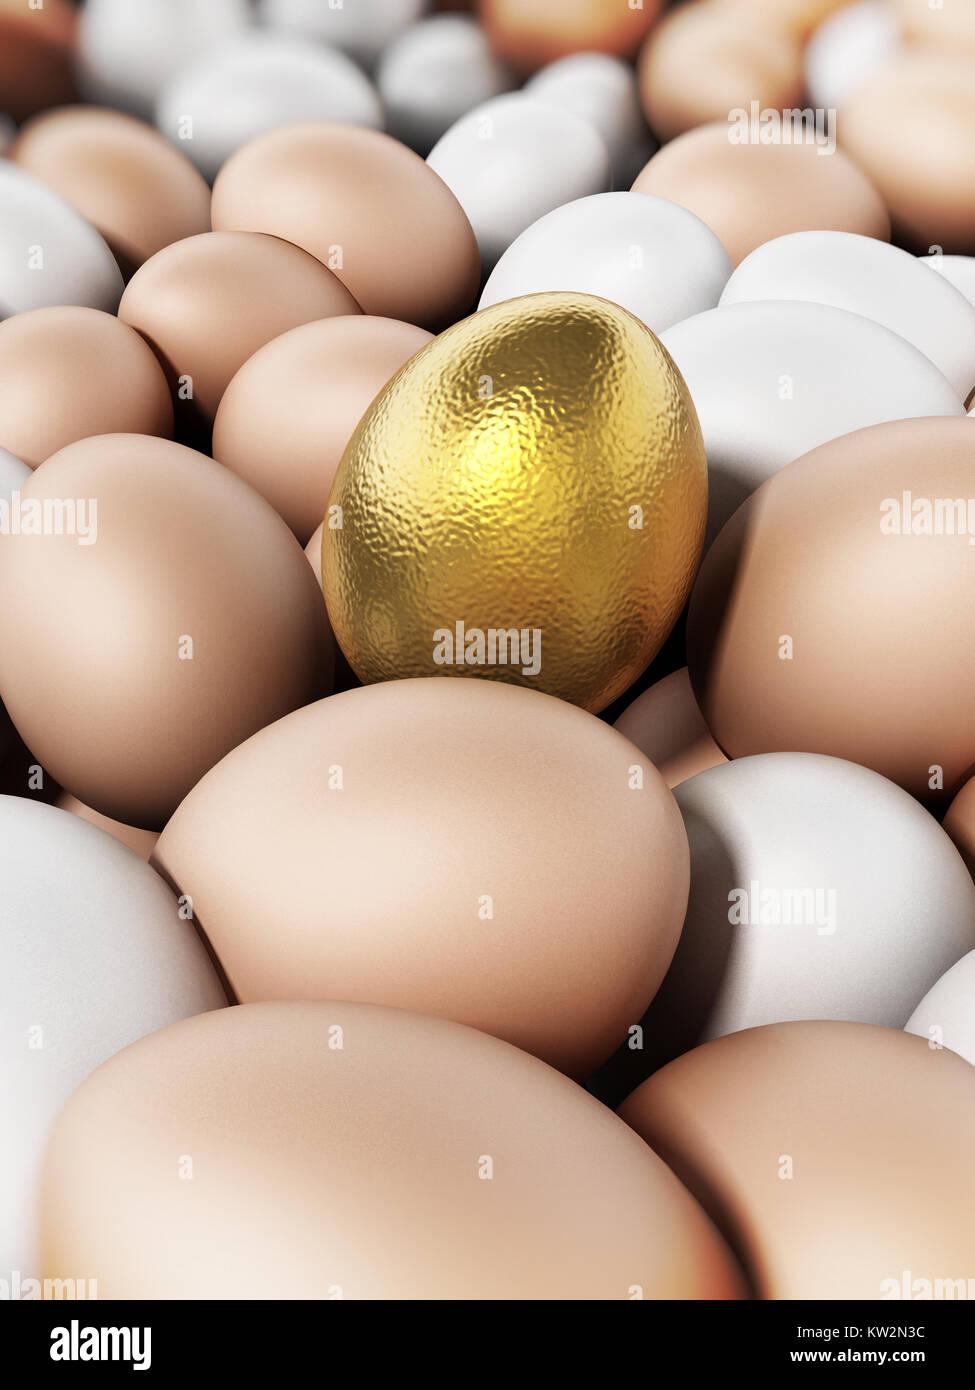 Golden Egg in piedi fuori tra marrone e bianco uova. 3D'illustrazione. Immagini Stock